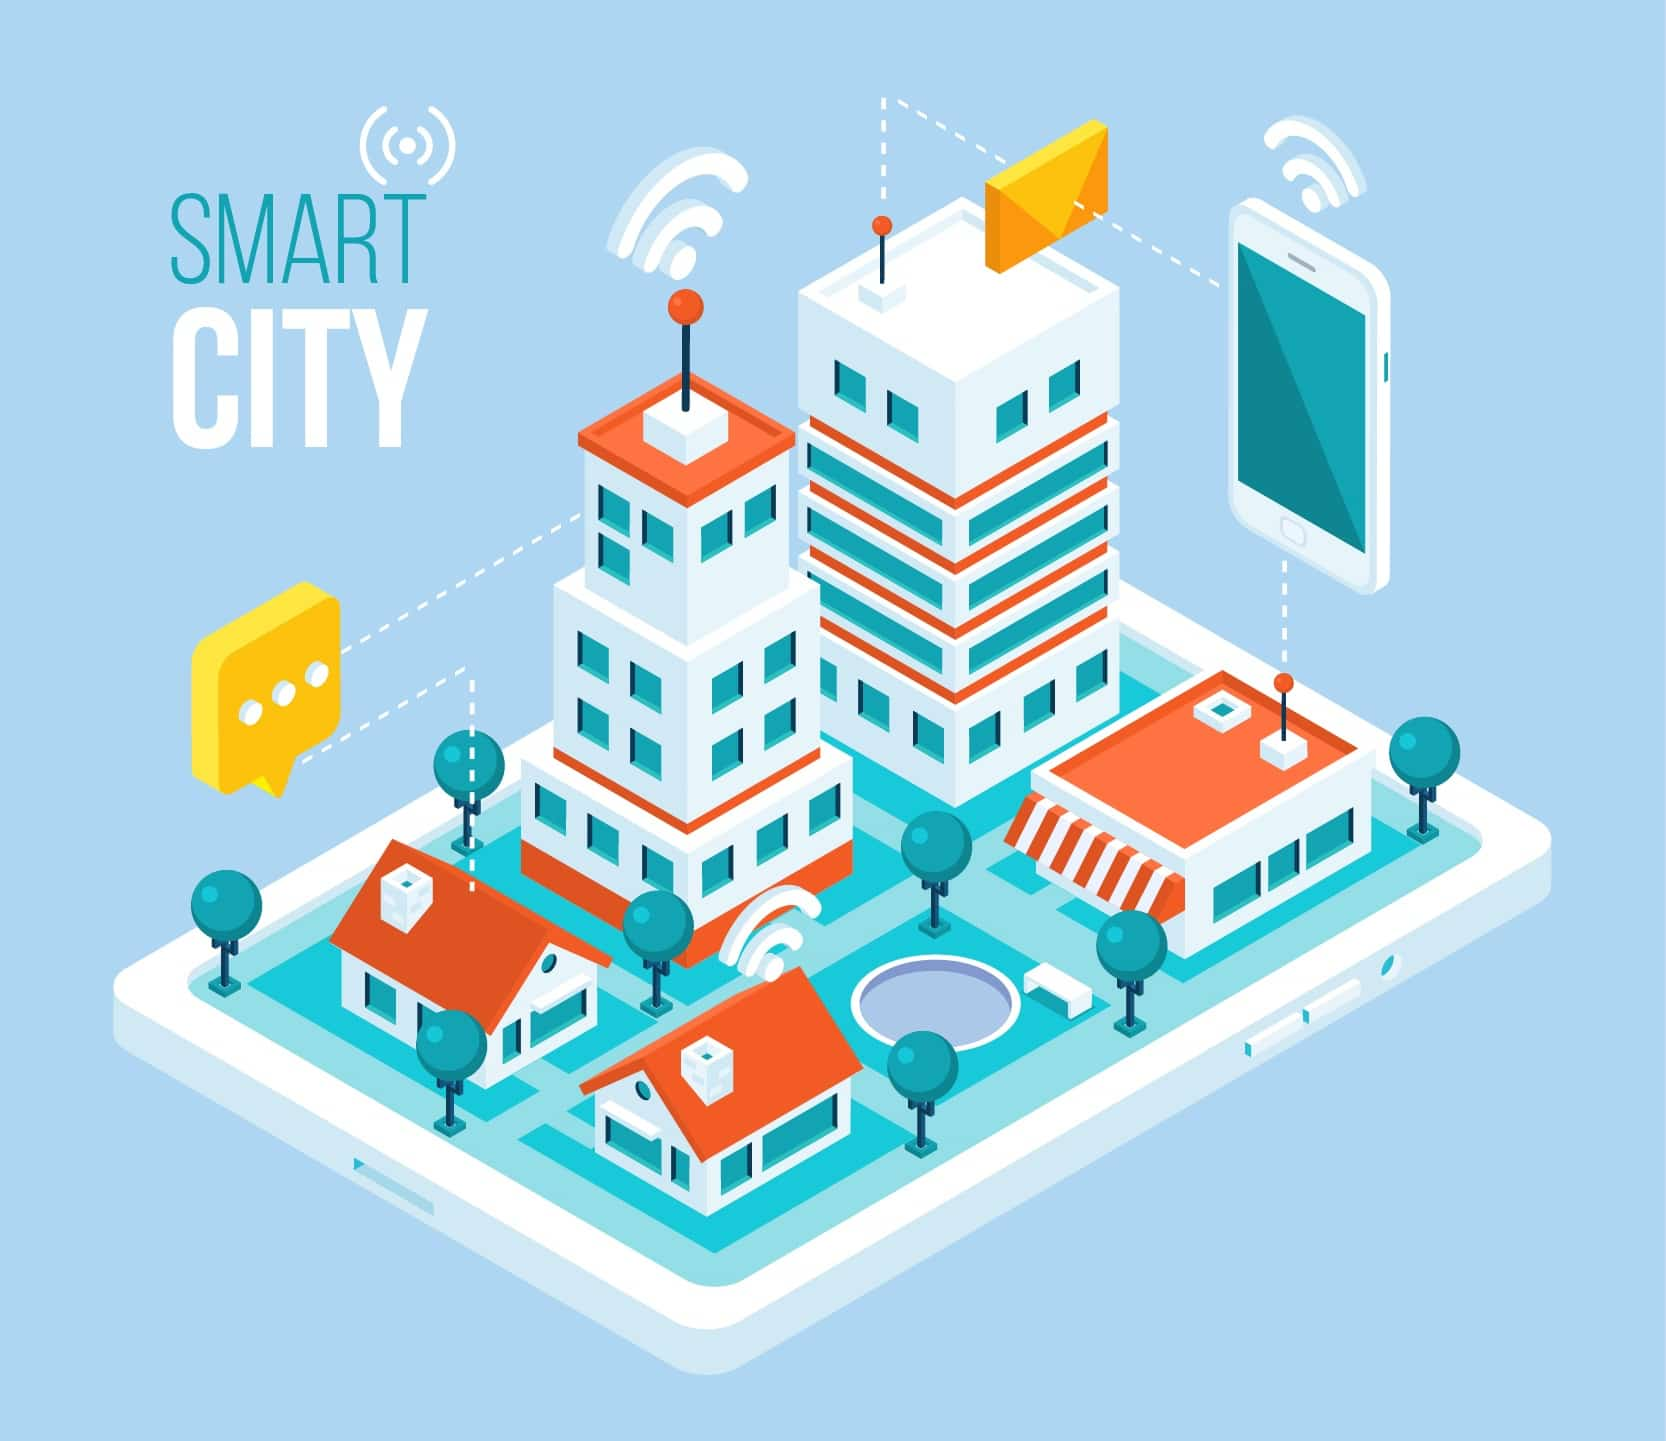 ciudad-inteligente-smart-city